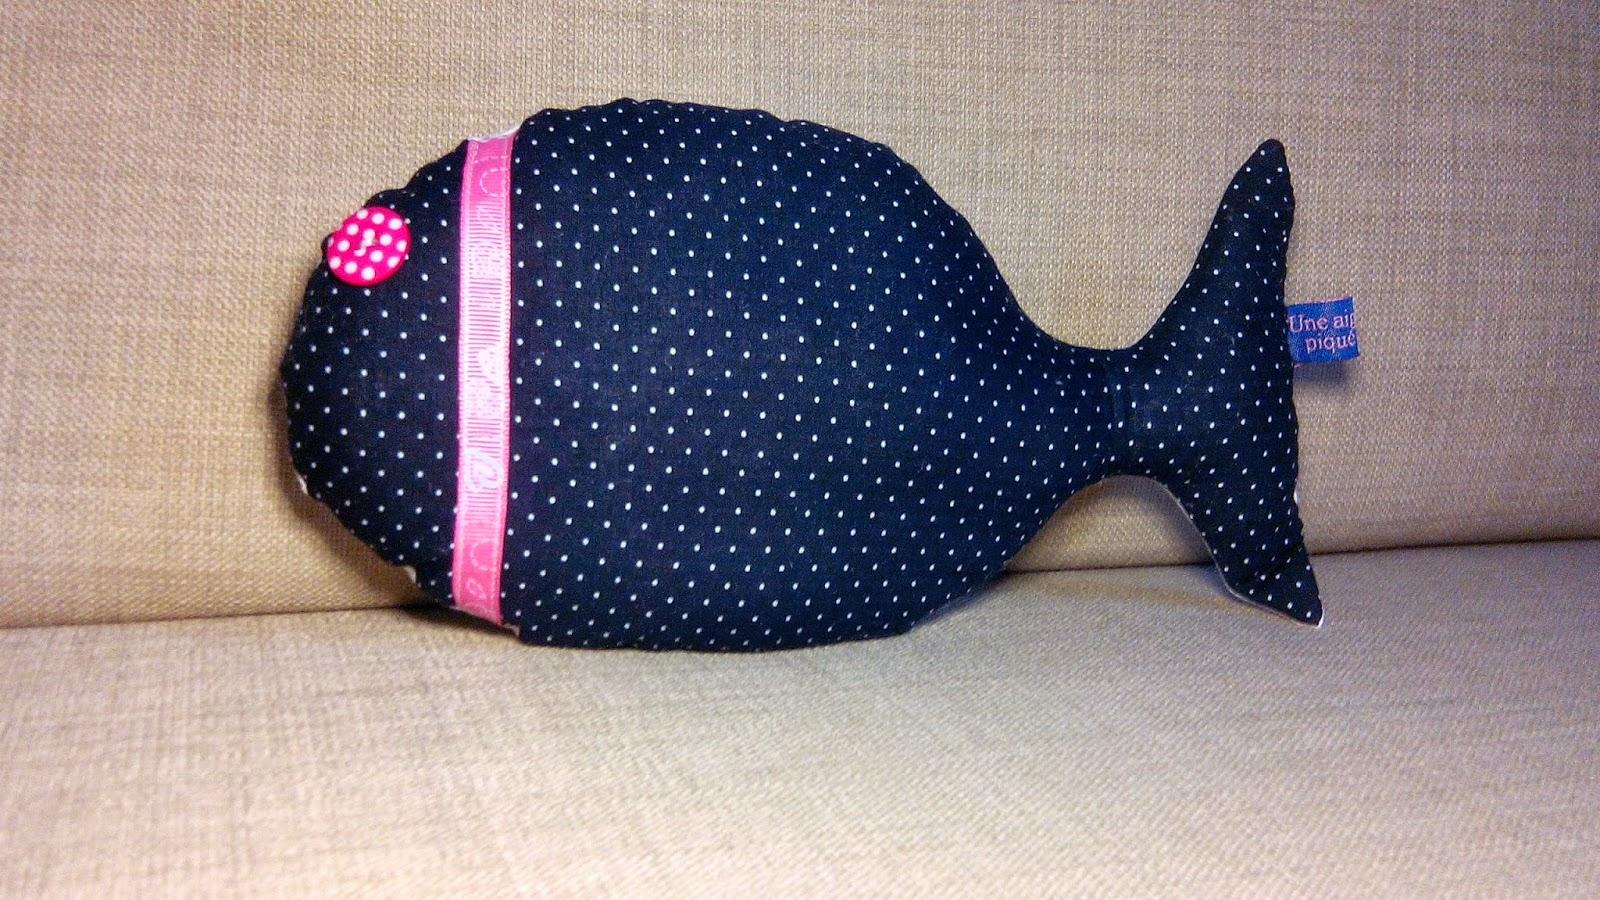 poisson coté pile en couture avec ruban et bouton